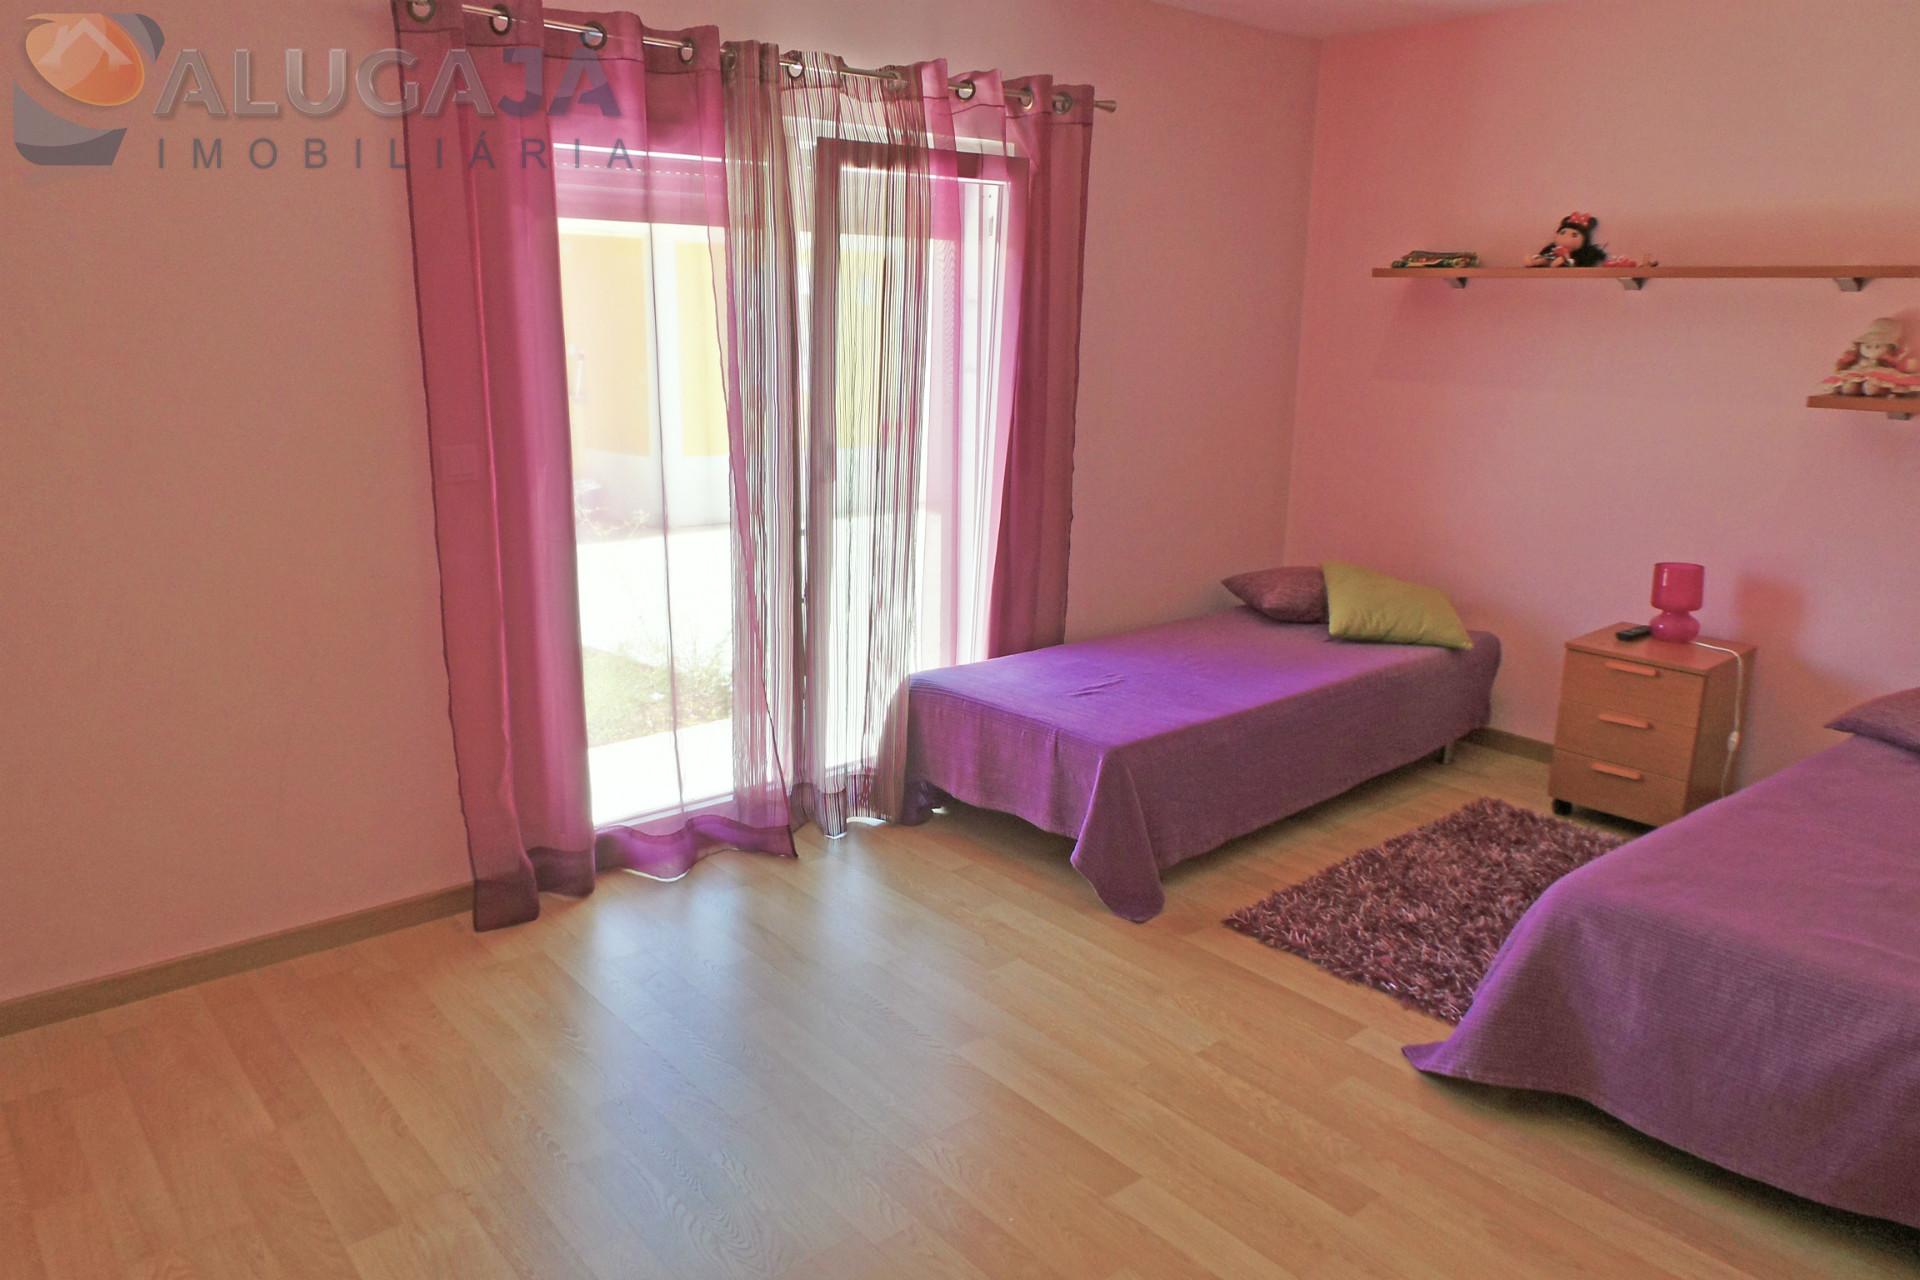 Moradia V3 em Setúbal composta por 2 pisos com 2 suítes, barbecue, jardim, anexo e parqueamento